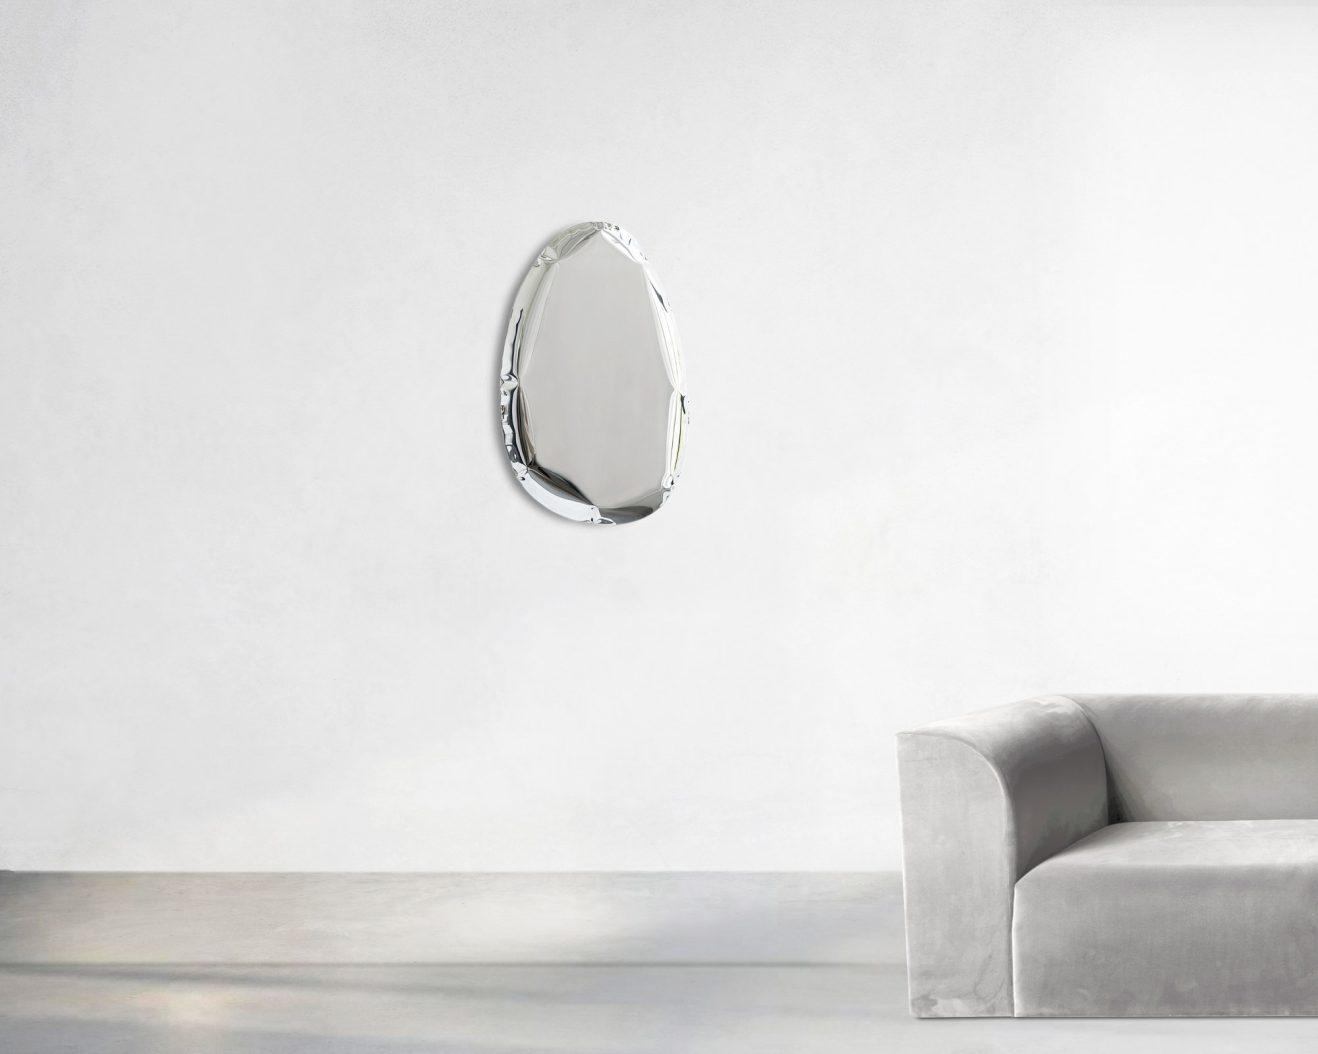 Zieta-O4.5-Mirror-Savannah-Bay-Gallery